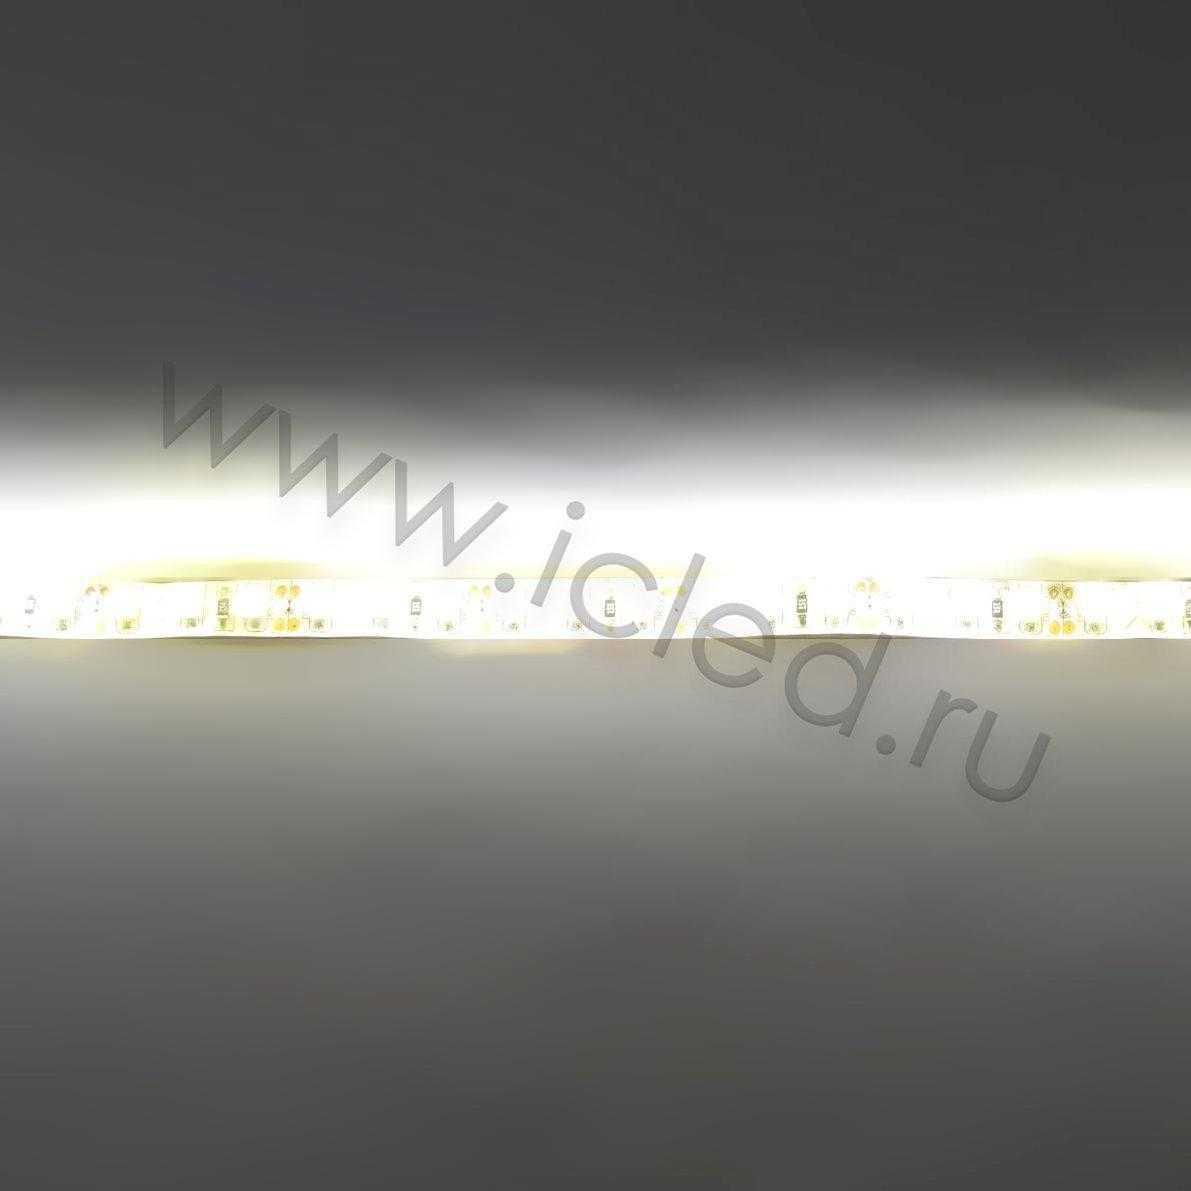 Светодиодная лента Class High, 3528, 120 led/m, Warm White, 12V, IP65